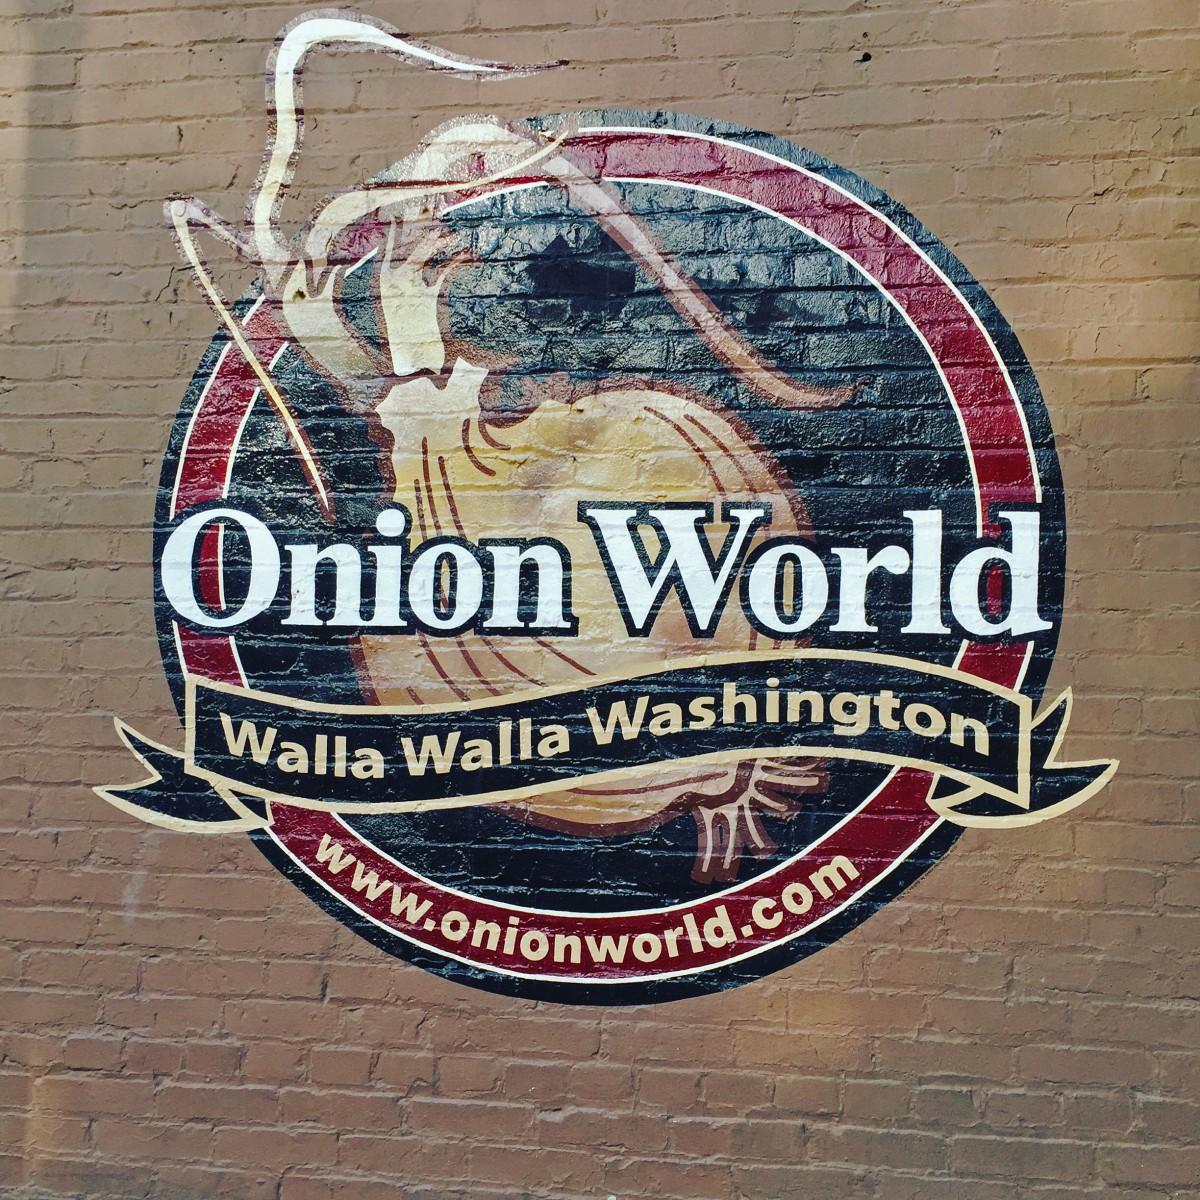 Walla Walla Sweet Onions - Walla Walla Washington